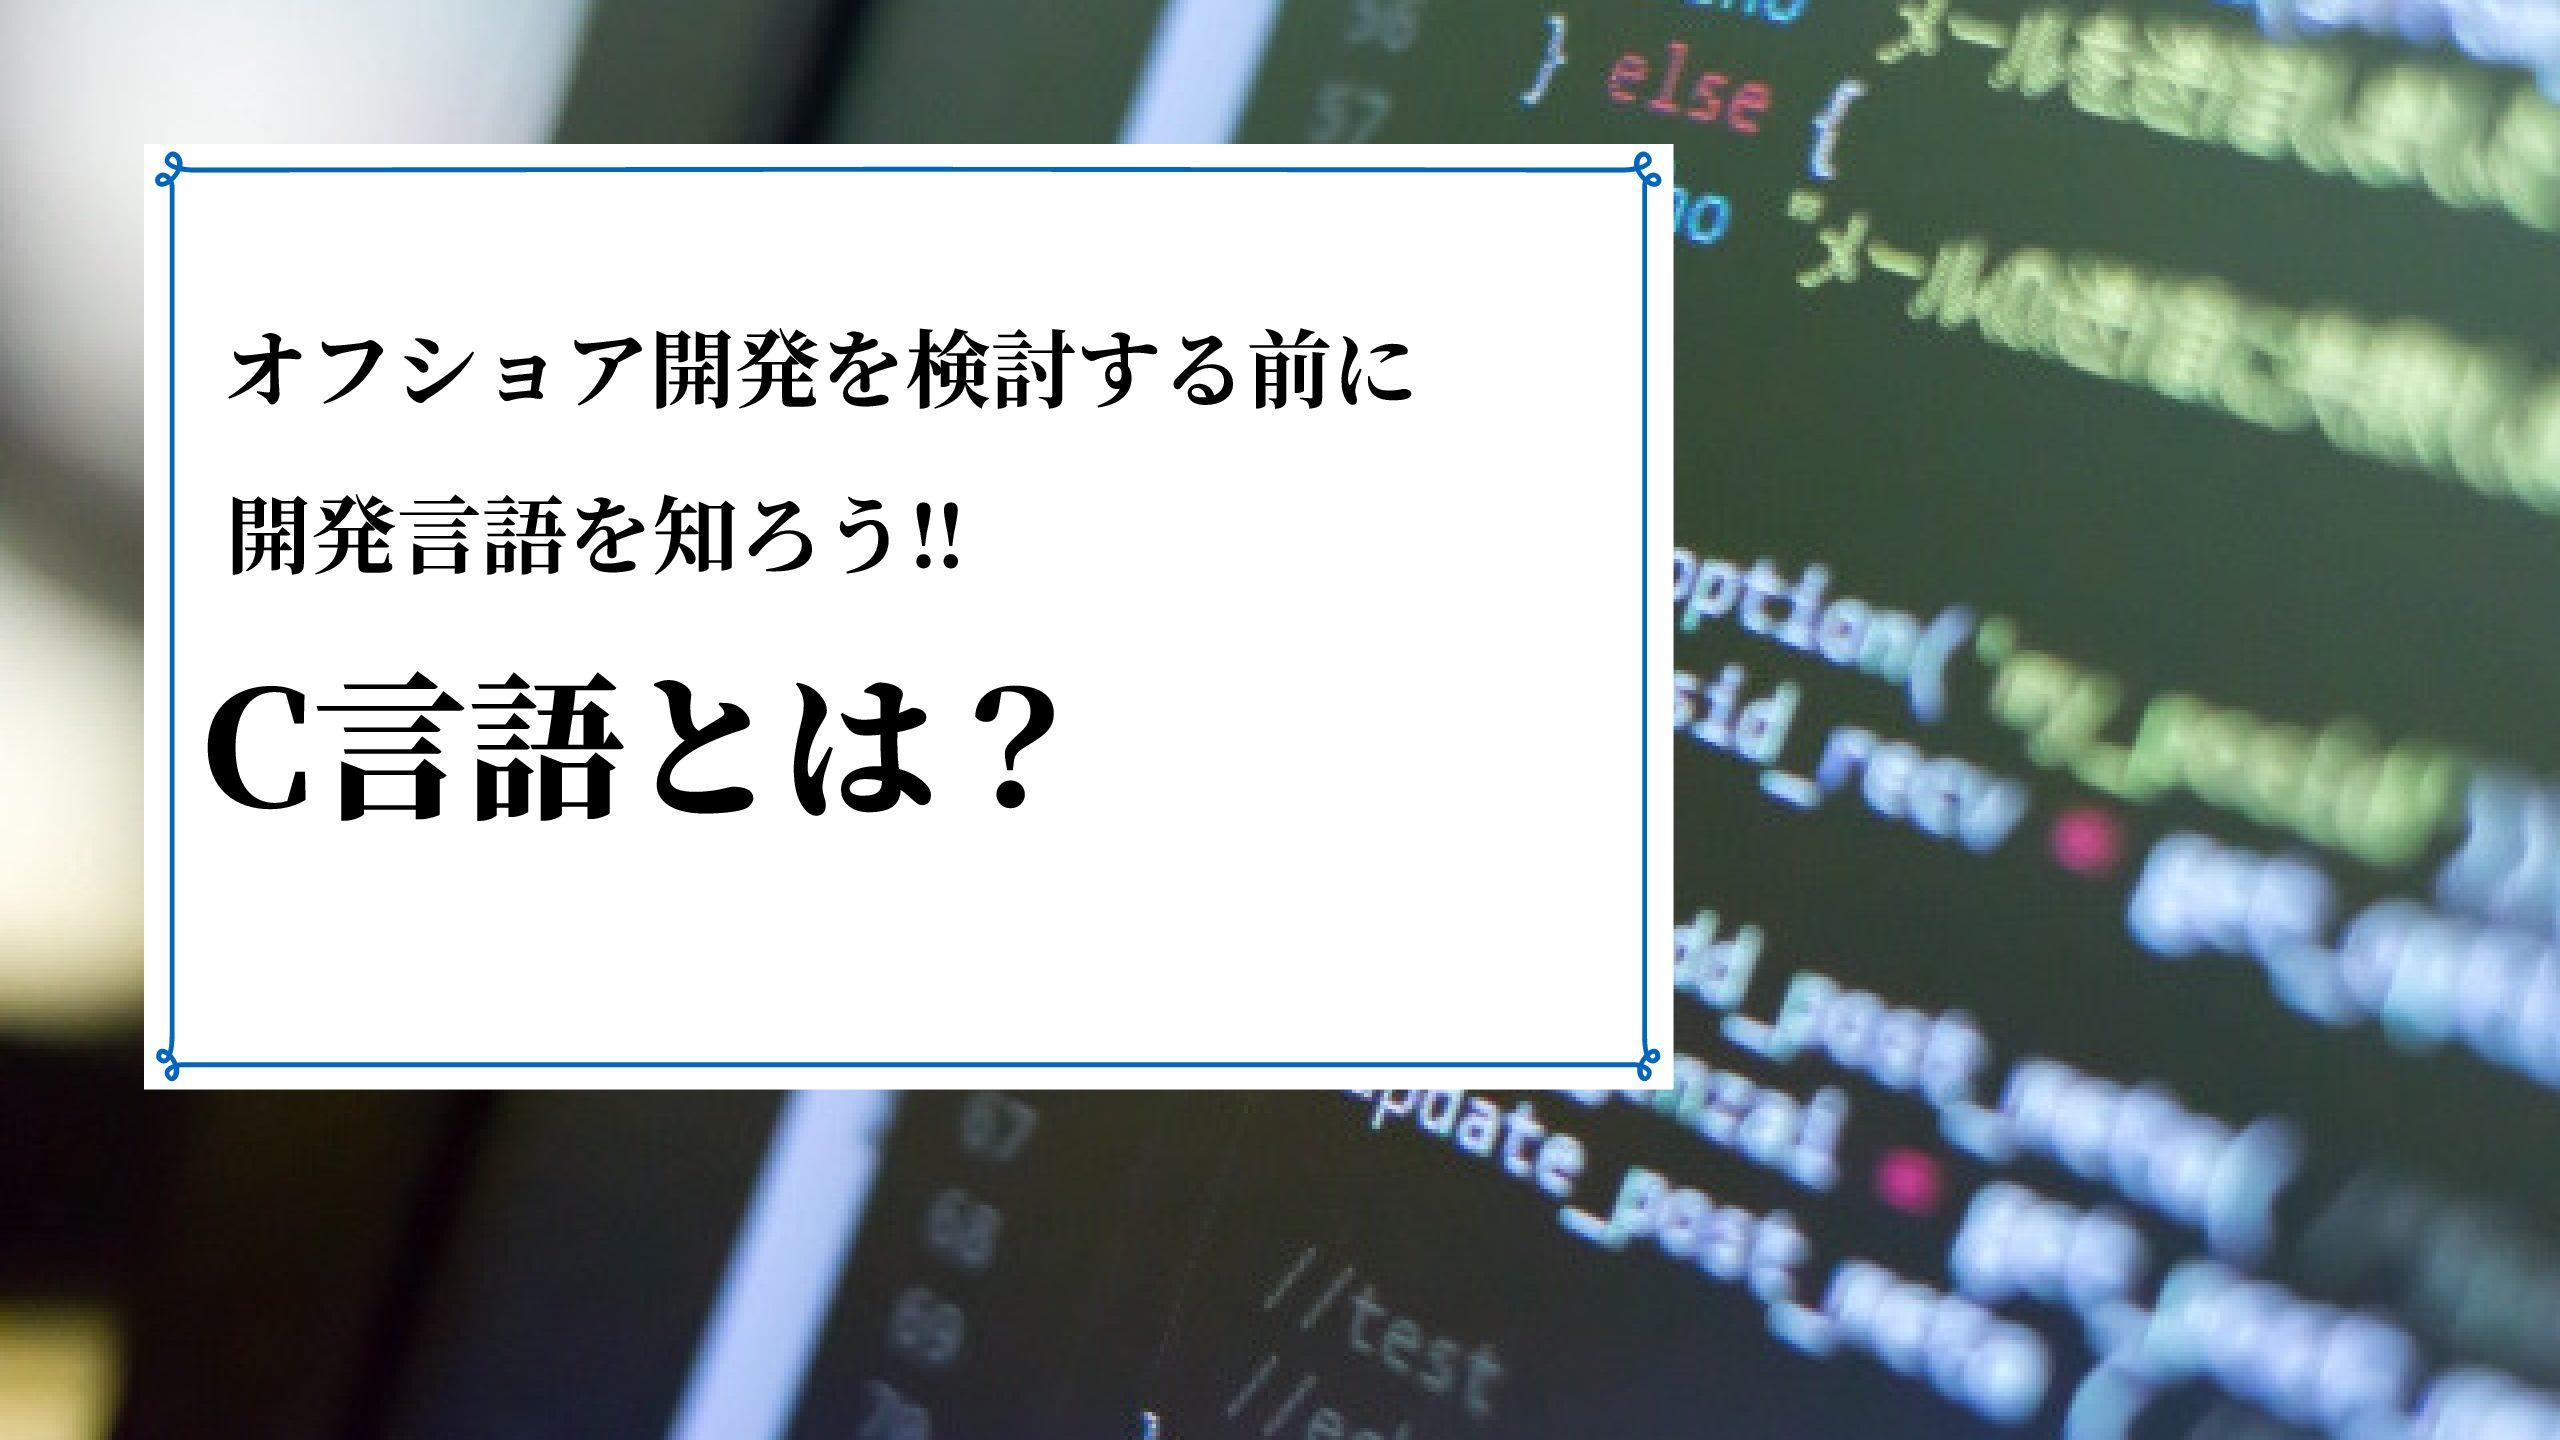 オフショア開発で使われるC言語とは?オフショアの開発言語を知ろう